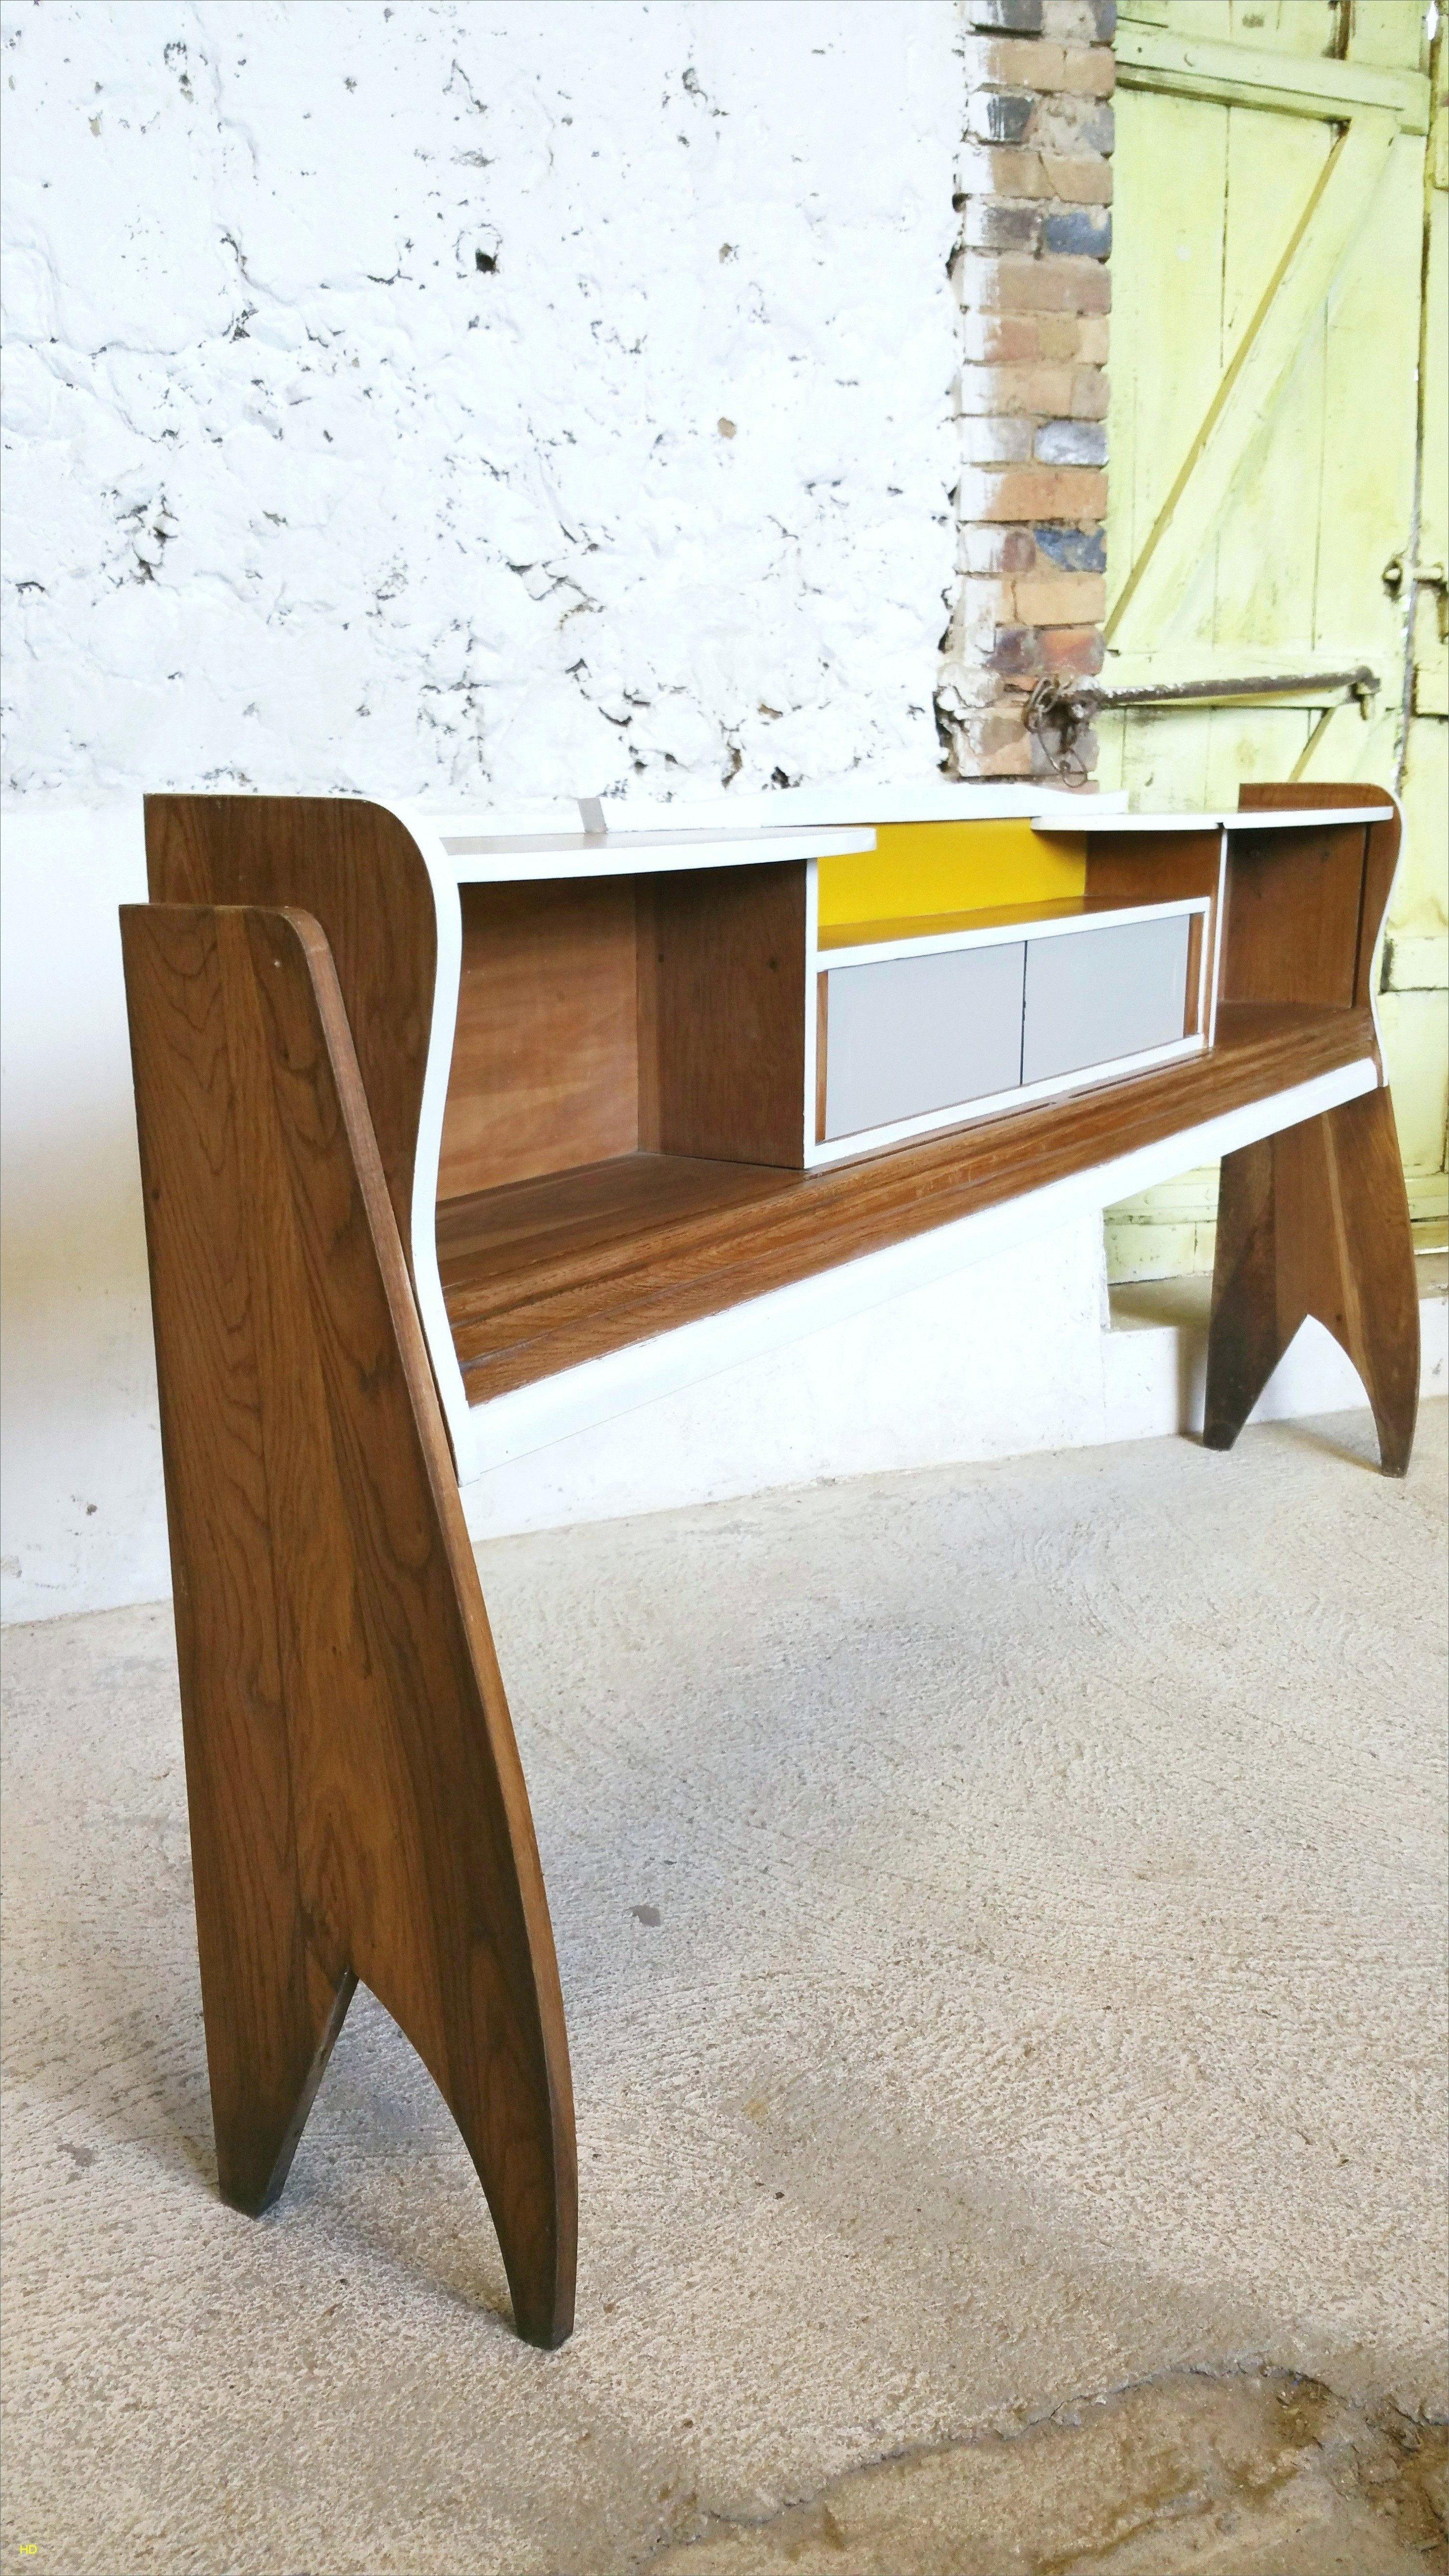 Lit Deux Places Agréable Fauteuil Design Ikea Délicieuse S Fauteuil Lit 2 Places